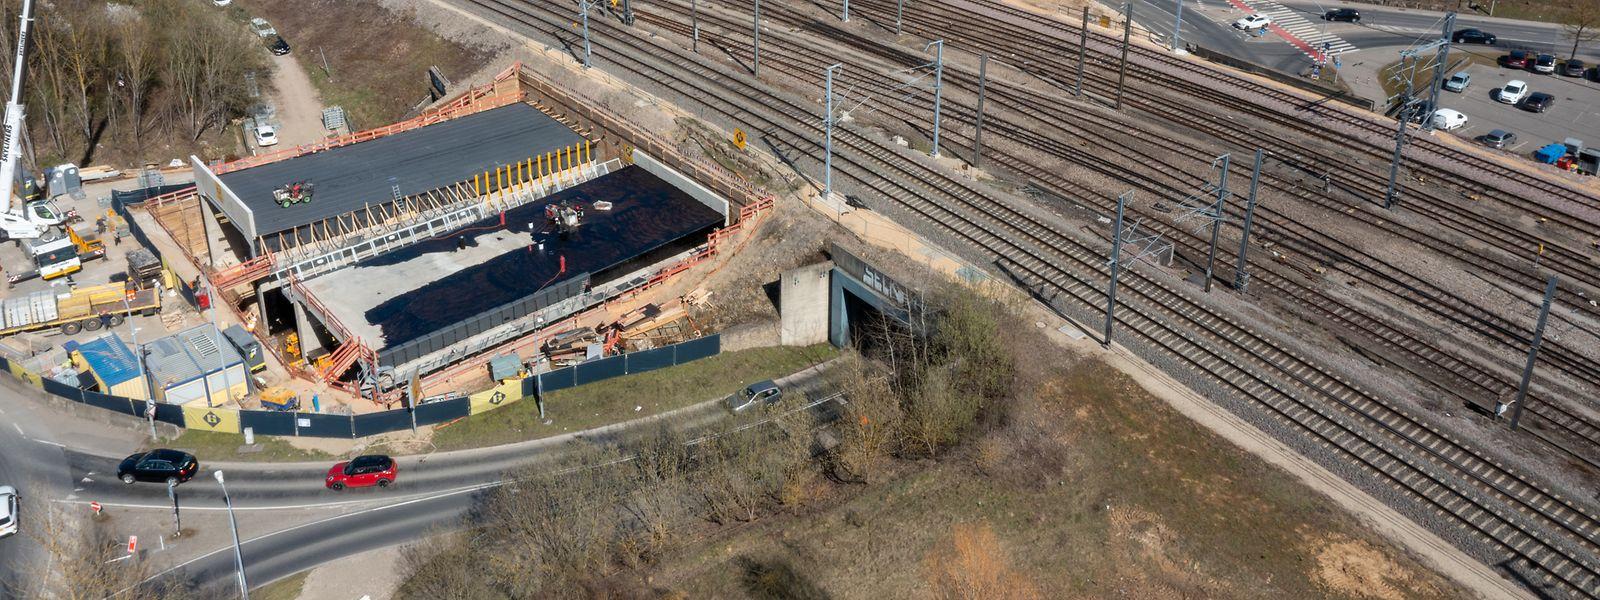 Le futur tunnel Rangwee sera installé entre le 1er et le 7 avril. Une opération compliquée «par le timing imposé», assurent les Ponts et Chaussées.